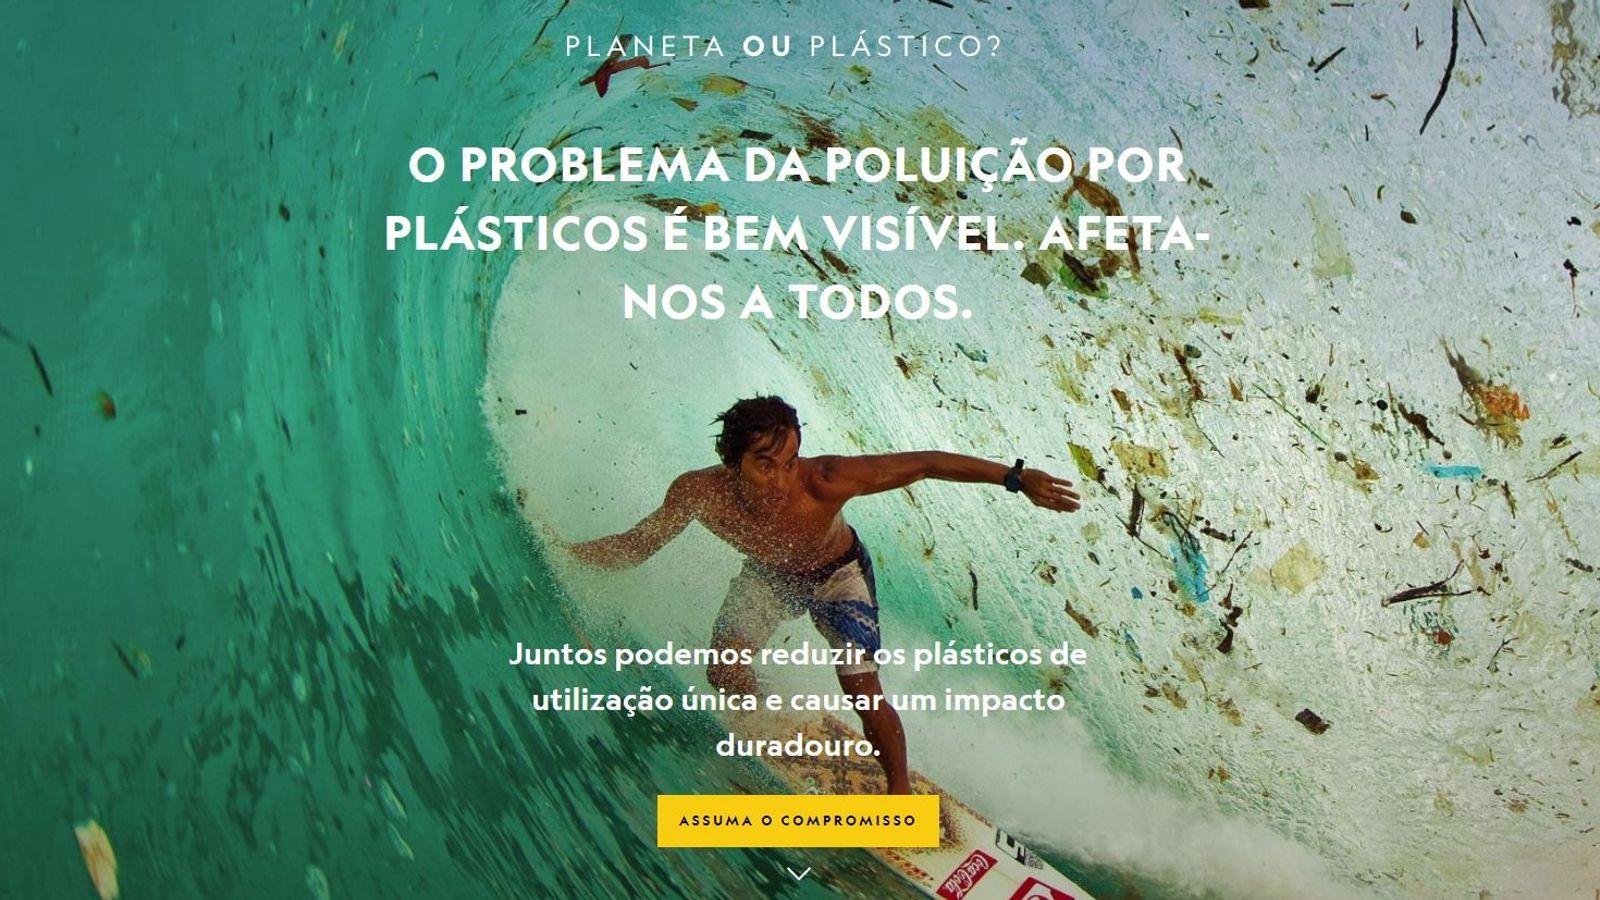 O problema da poluição por plásticos é bem visível. Assuma o compromisso